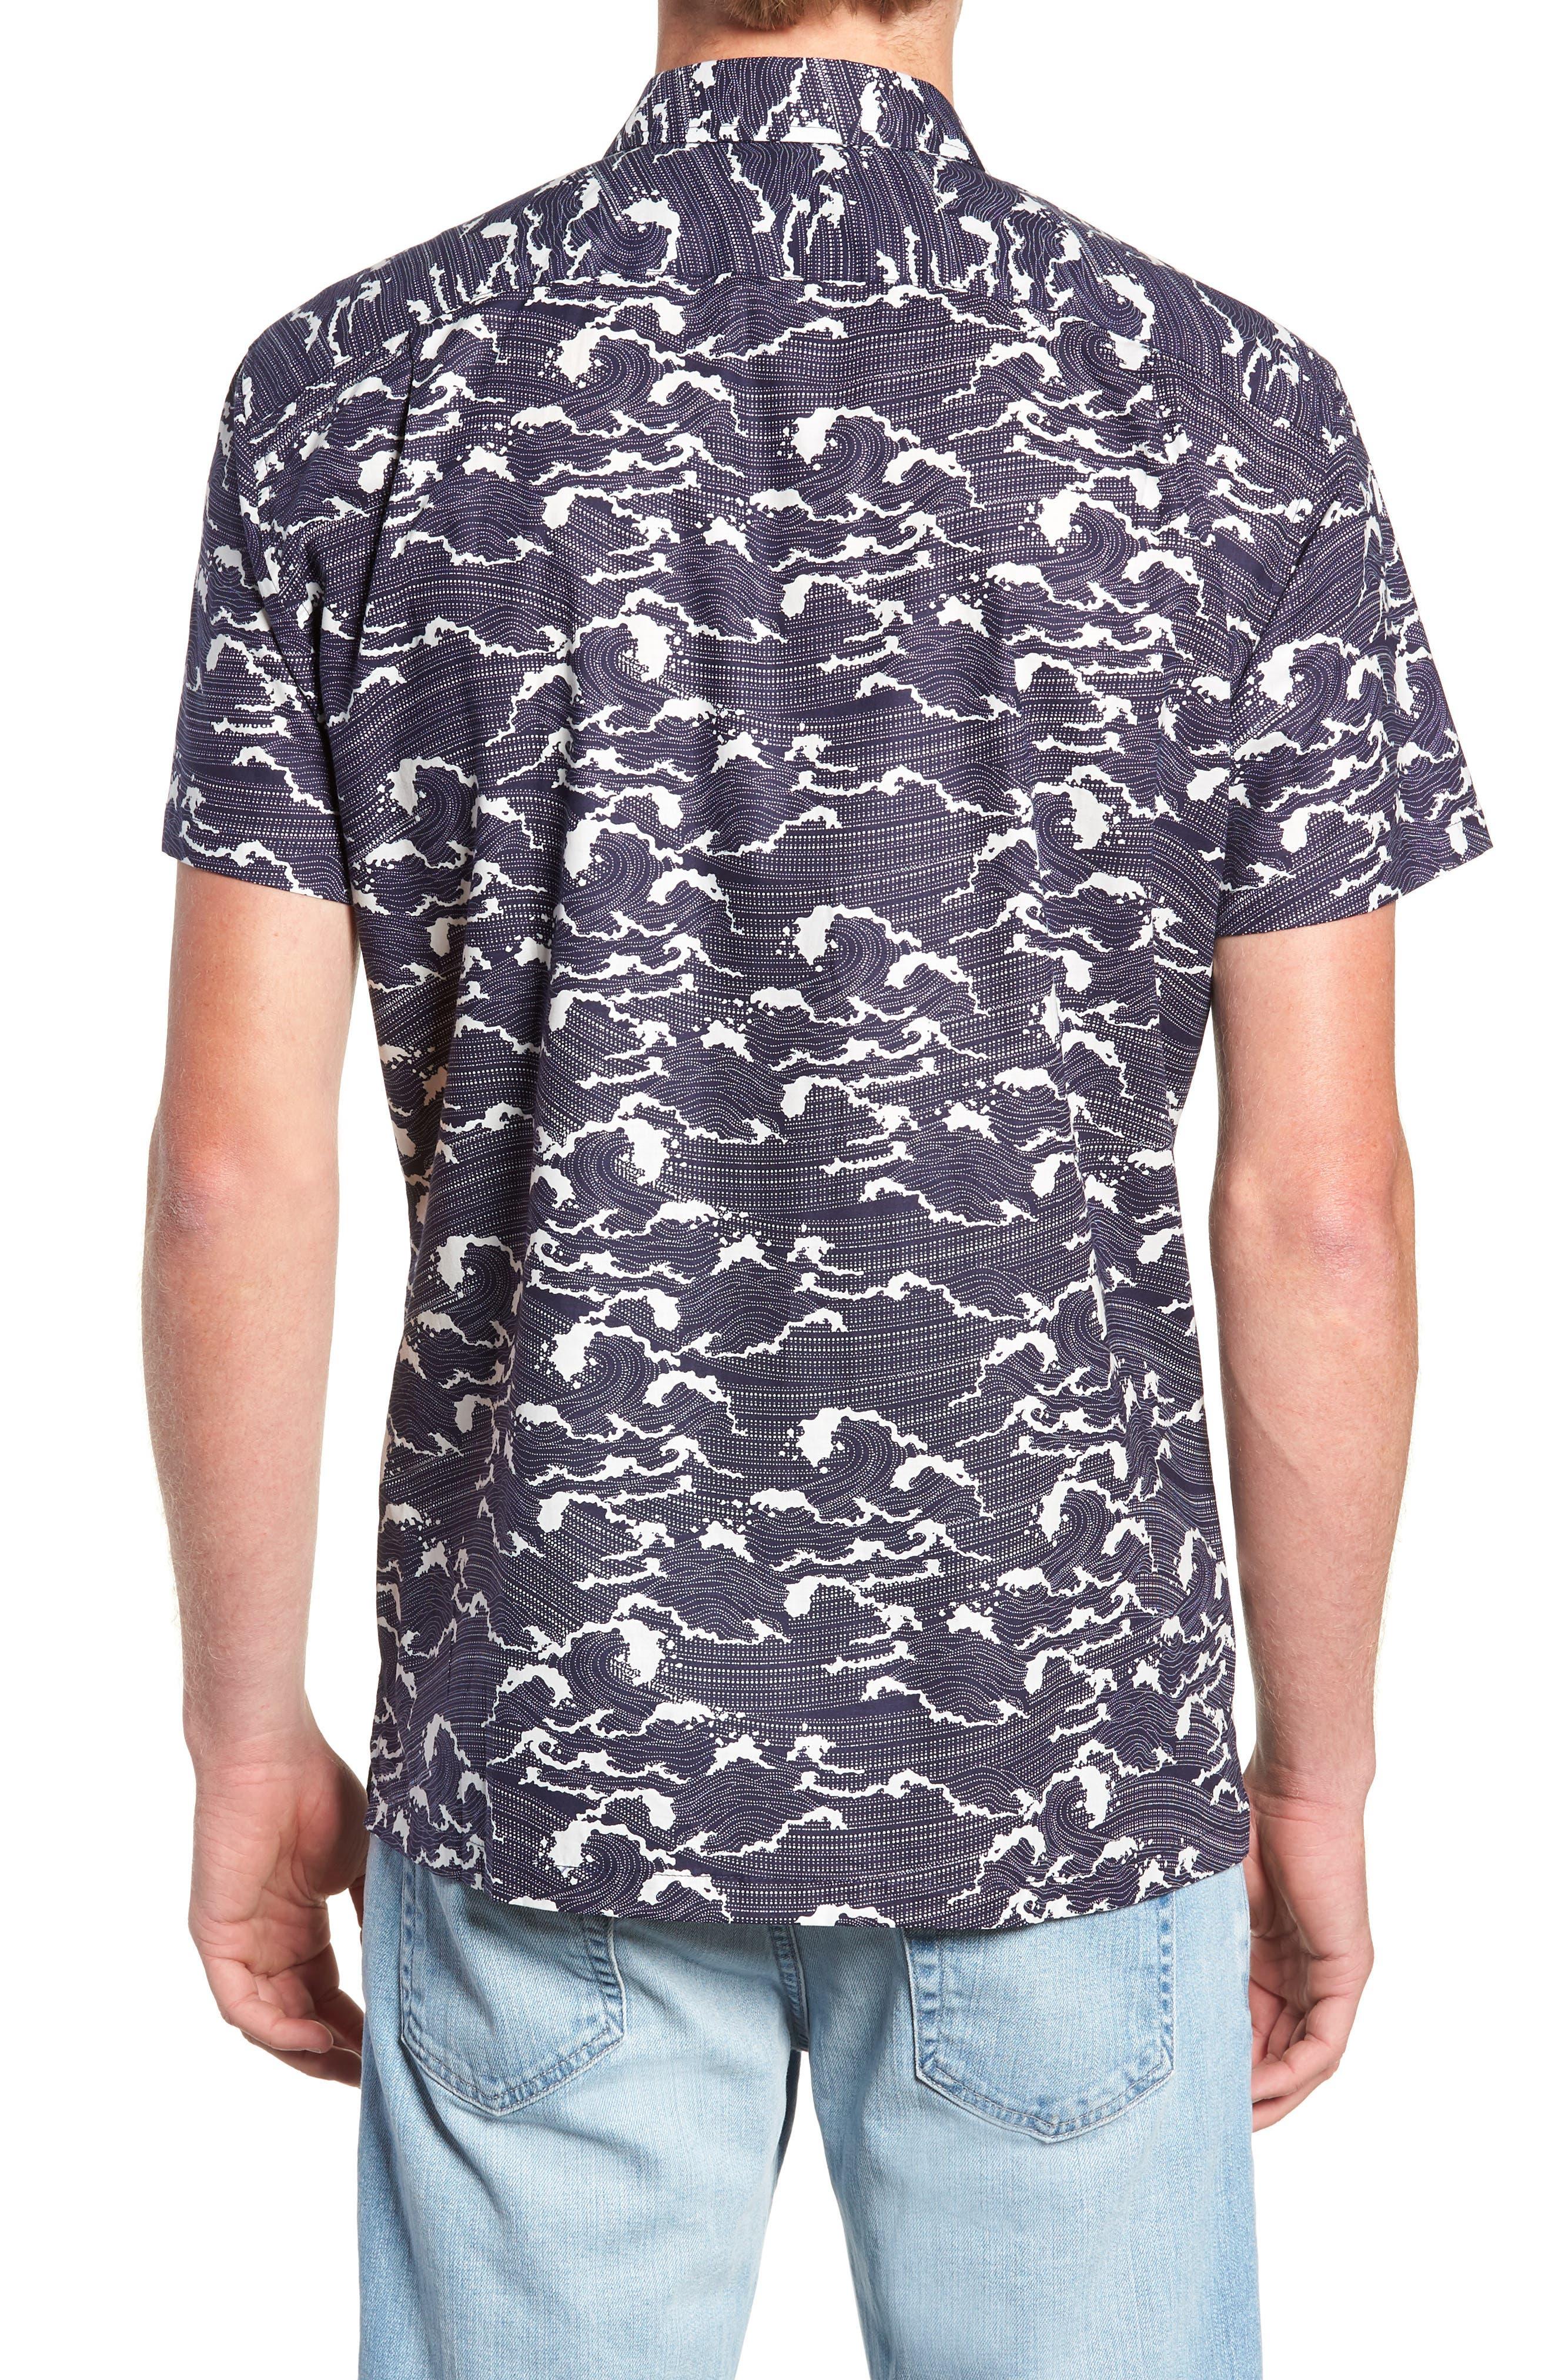 Ebb & Flow Trim Fit Camp Shirt,                             Alternate thumbnail 2, color,                             NAVY